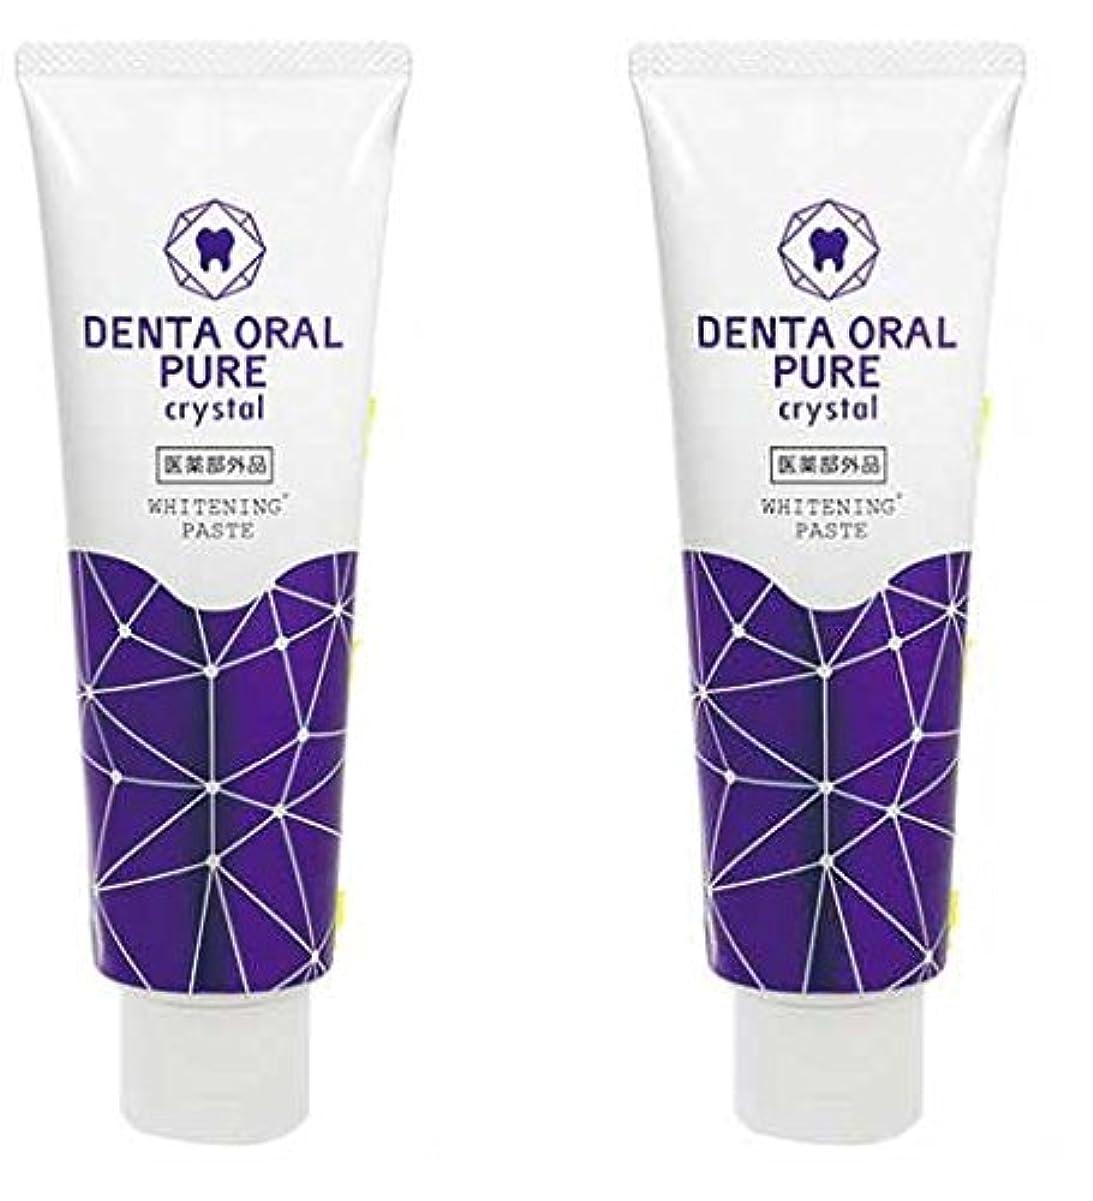 美しいマネージャーそばにホワイトニング歯磨き粉 デンタオーラルピュア クリスタル 2個セット 医薬部外品